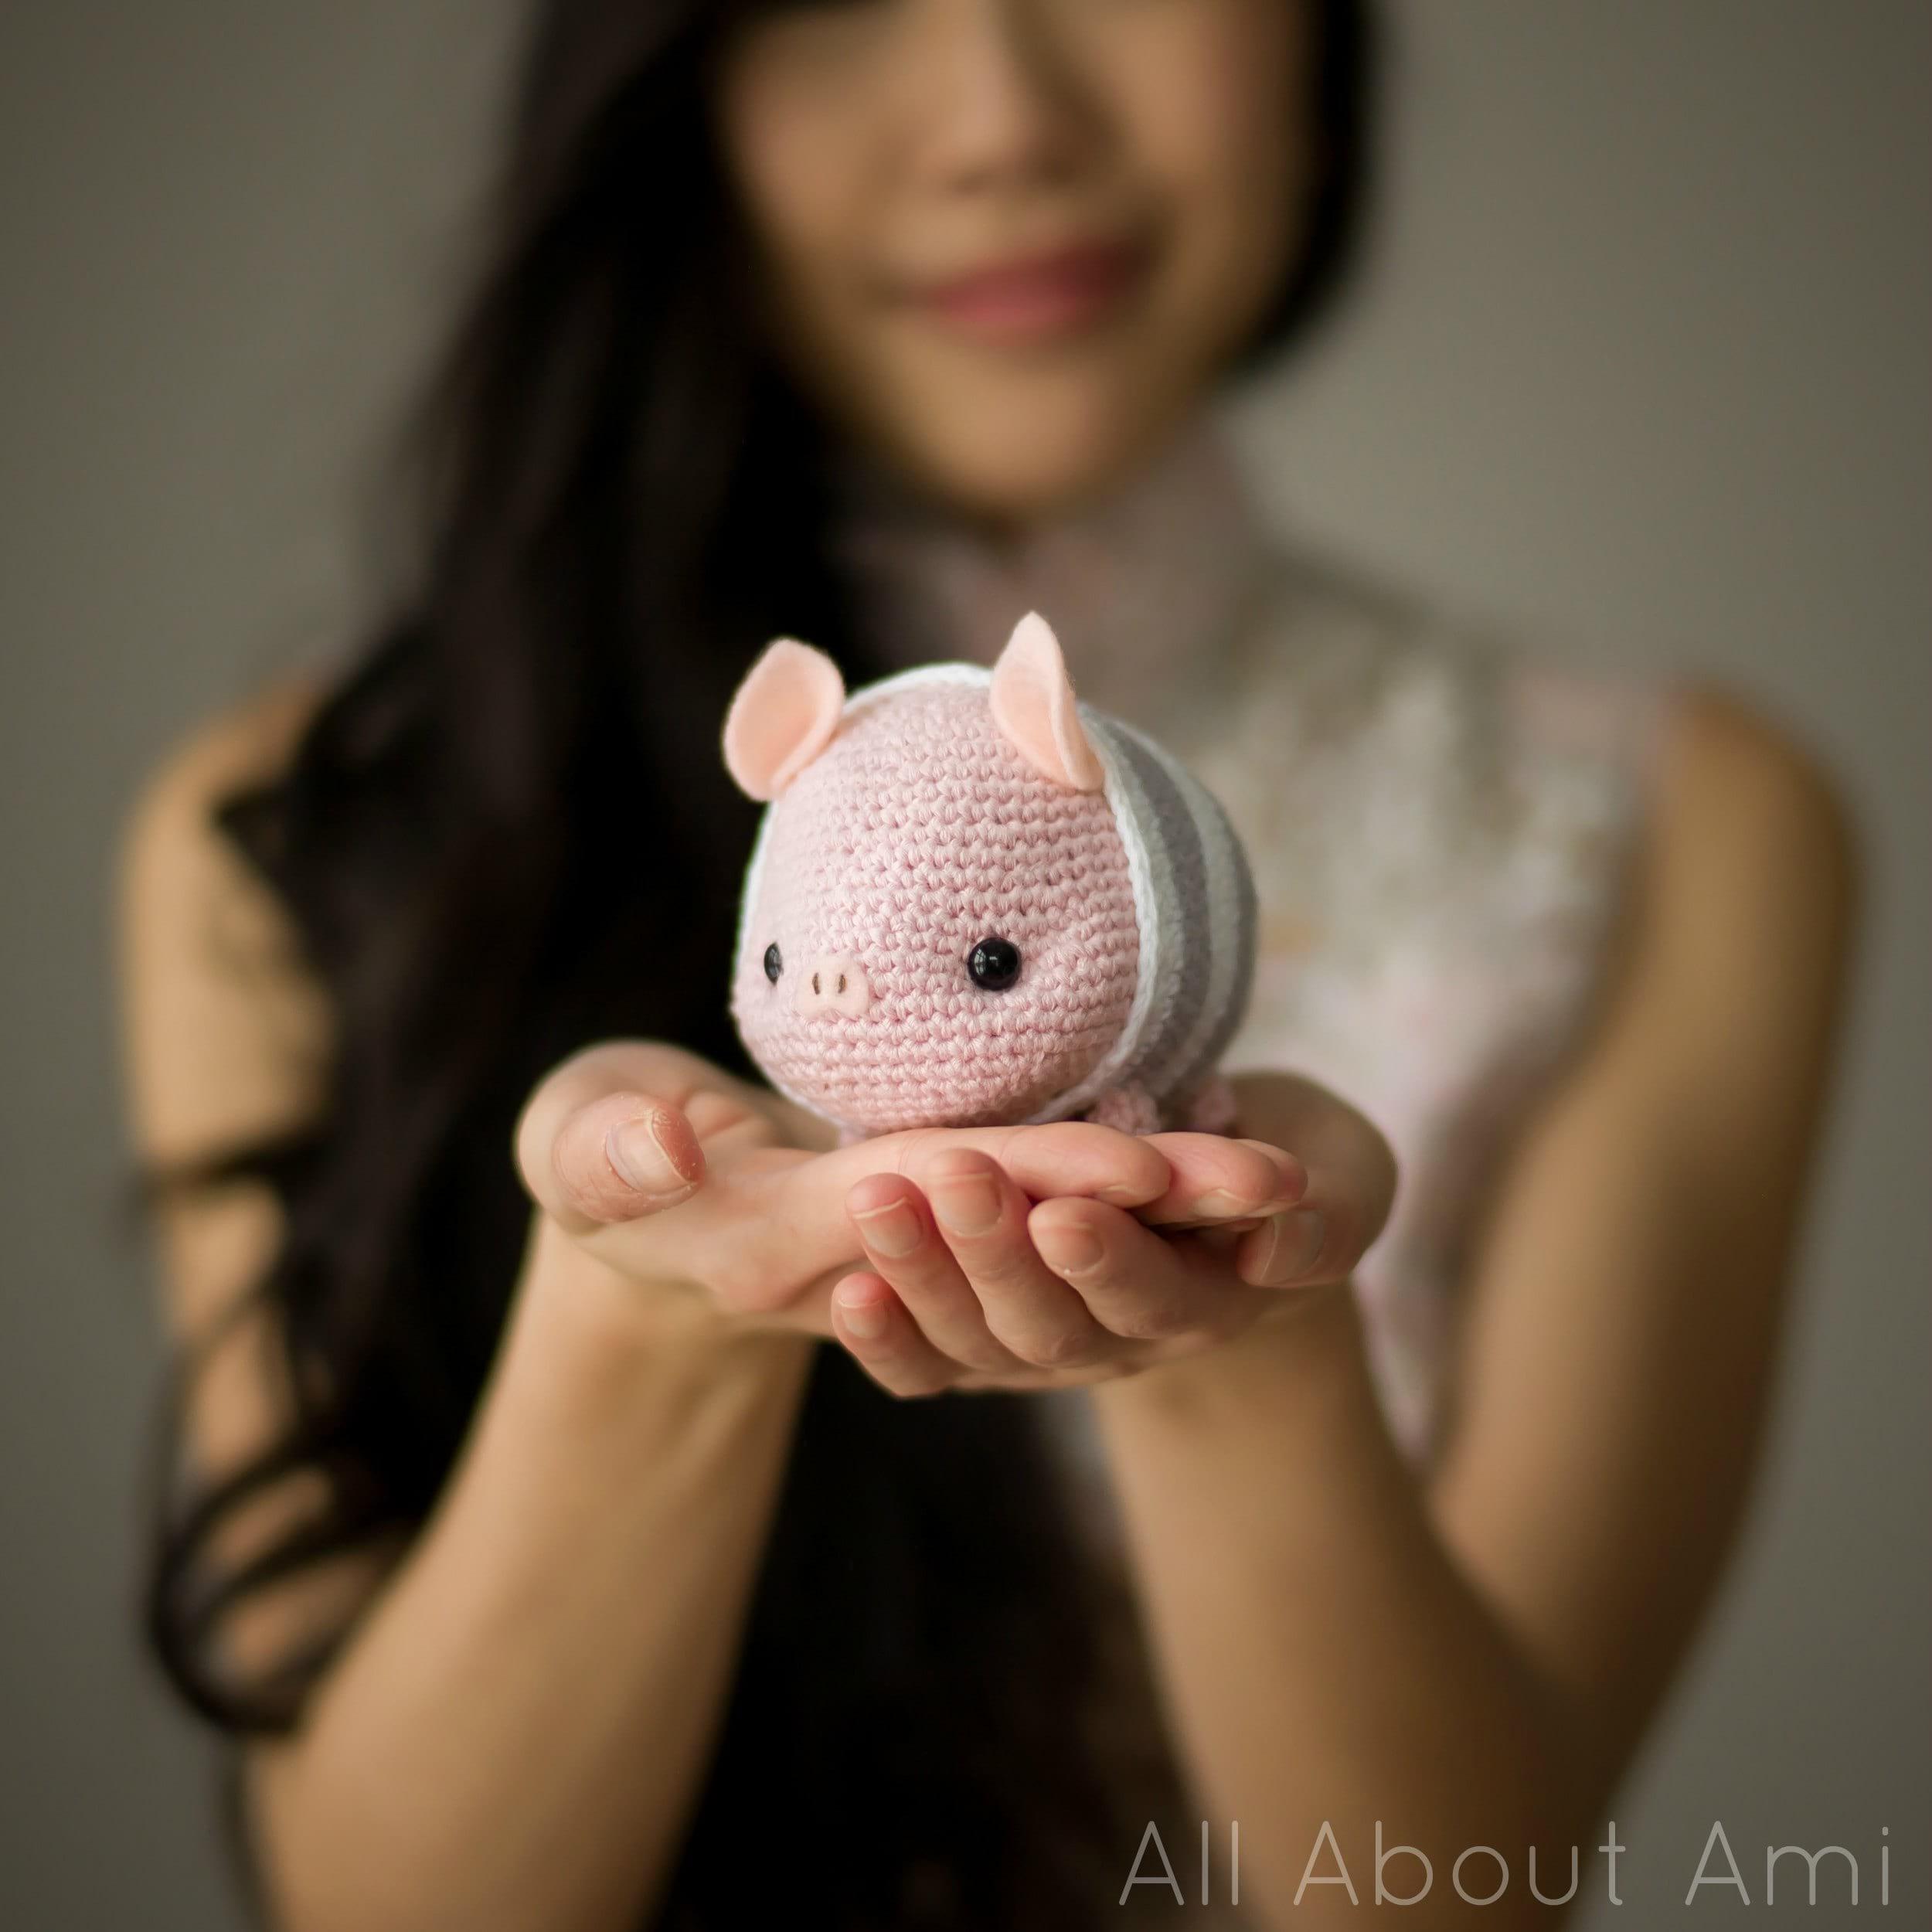 Adorable bunny amigurumi with hat - Amigurumi Today   2500x2500